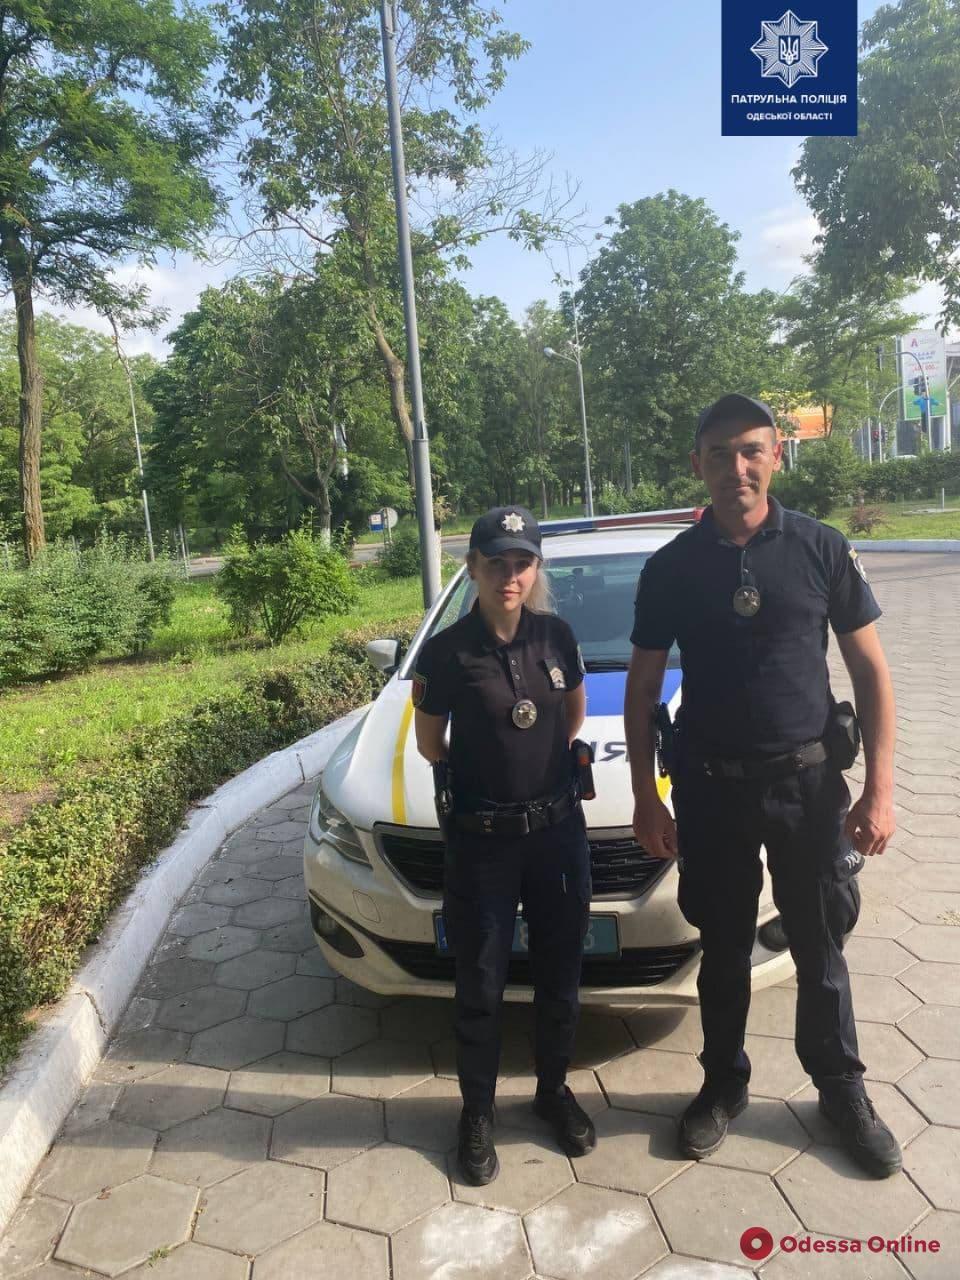 Одесские патрульные срочно доставили в больницу 3-летнего ребенка, который получил травму головы